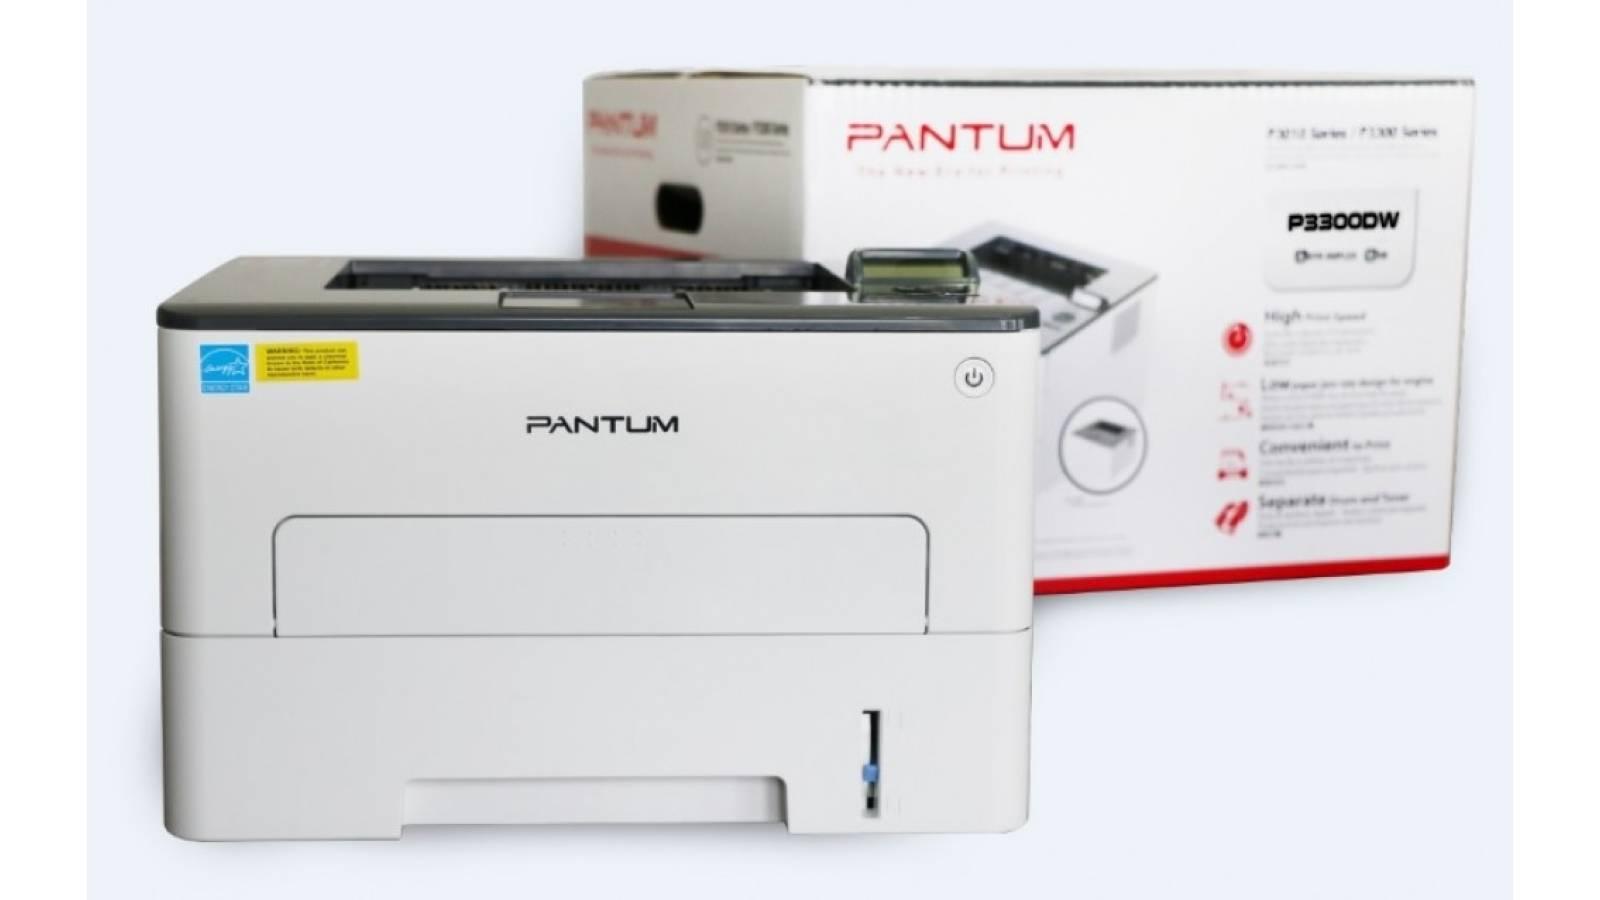 Impresora láser monocromática Pantum P3300DW